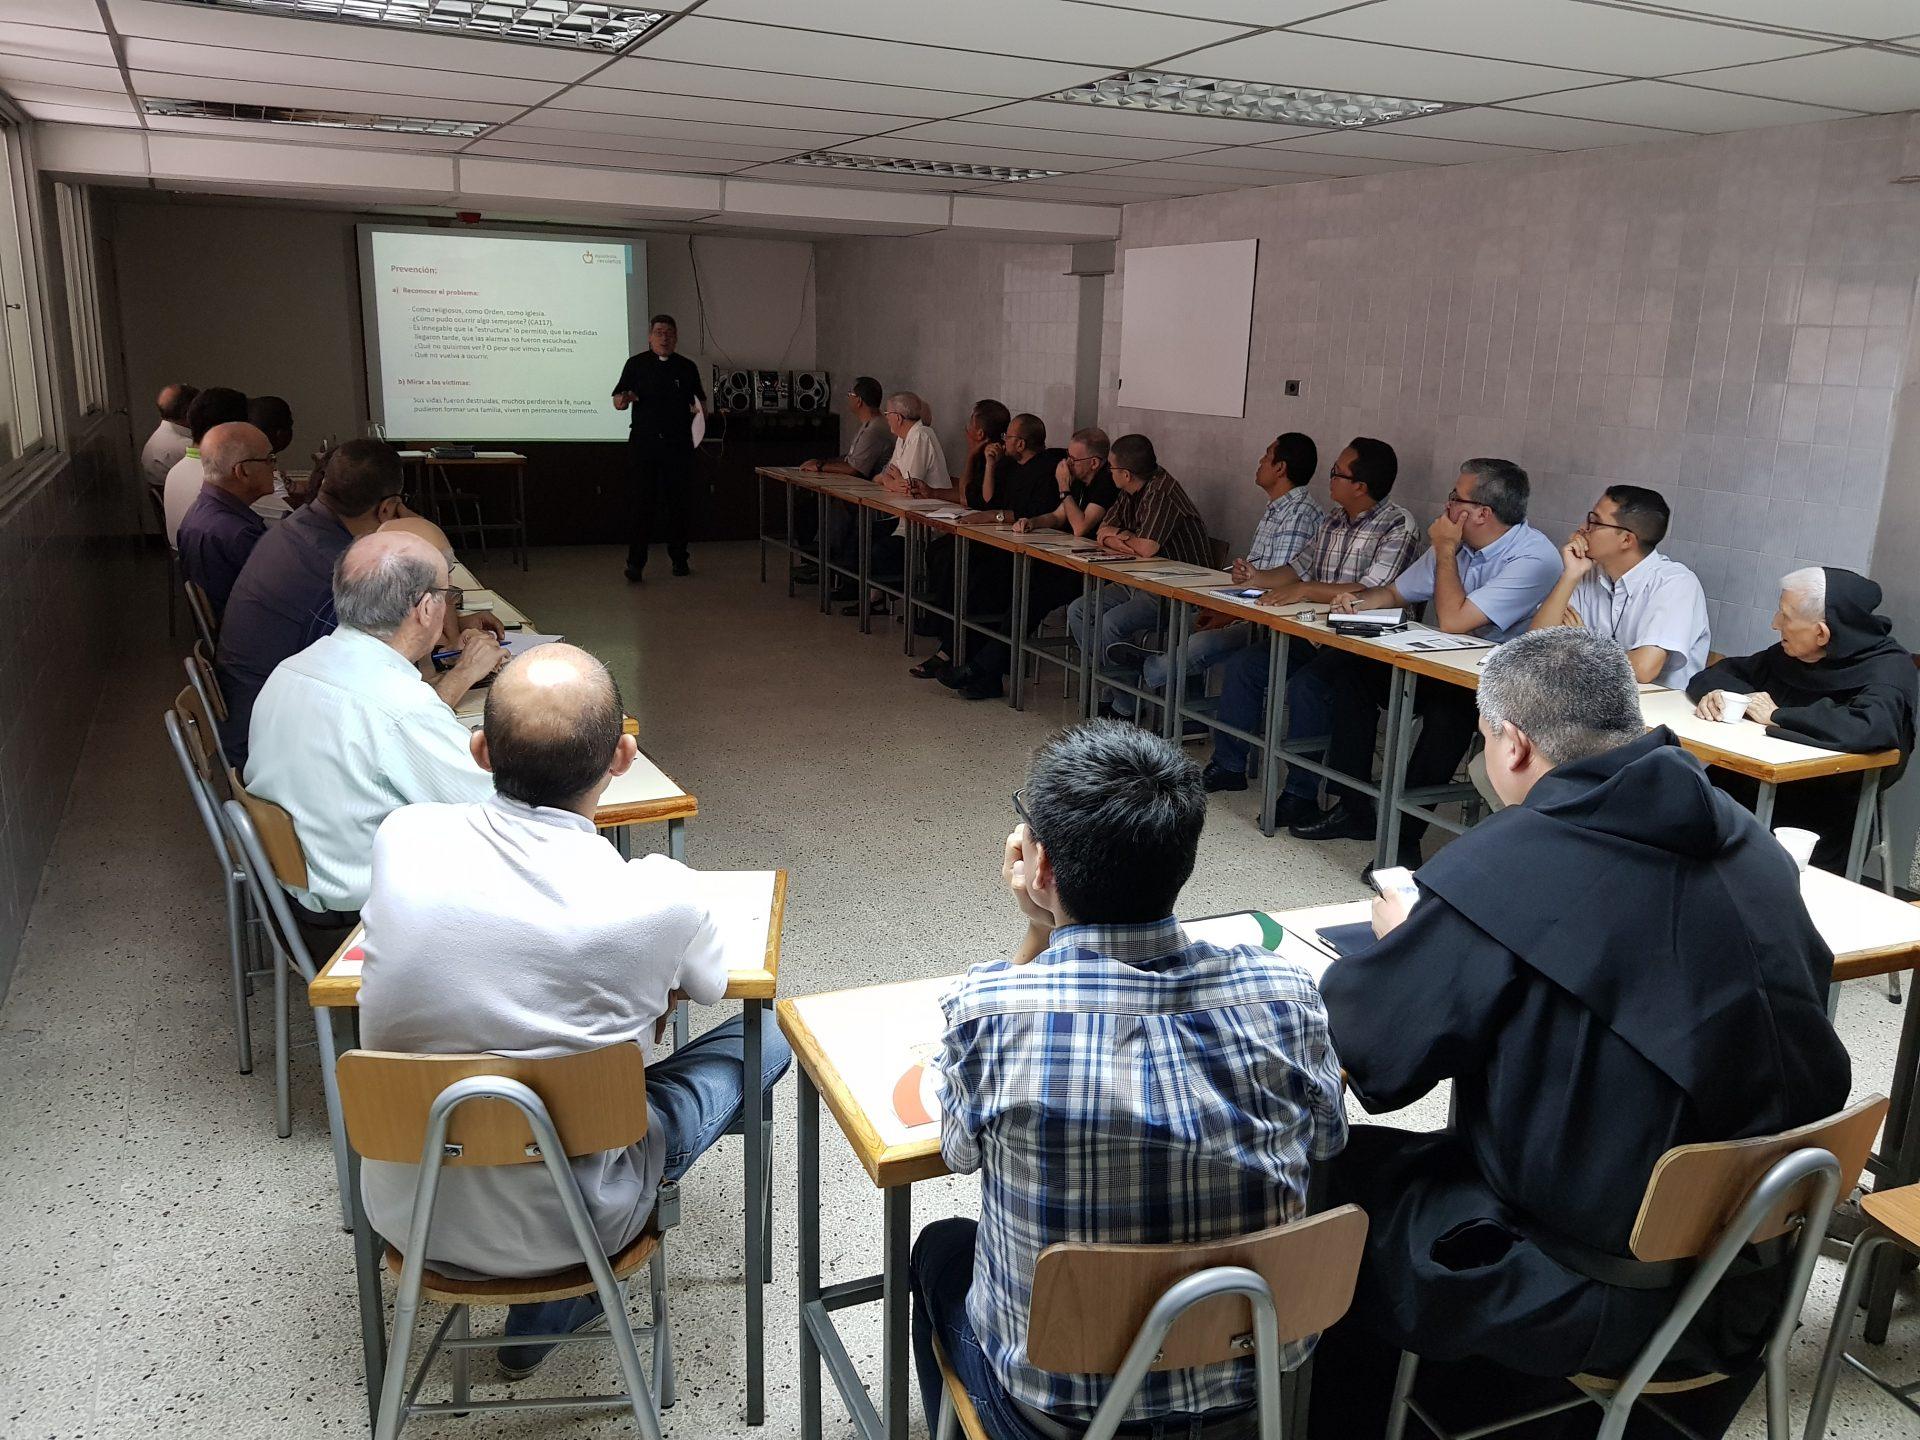 Día de formación permanente en Venezuela – Protección y Prevención de la Infancia y de la Adolescencia en la Orden de Agustinos Recoletos